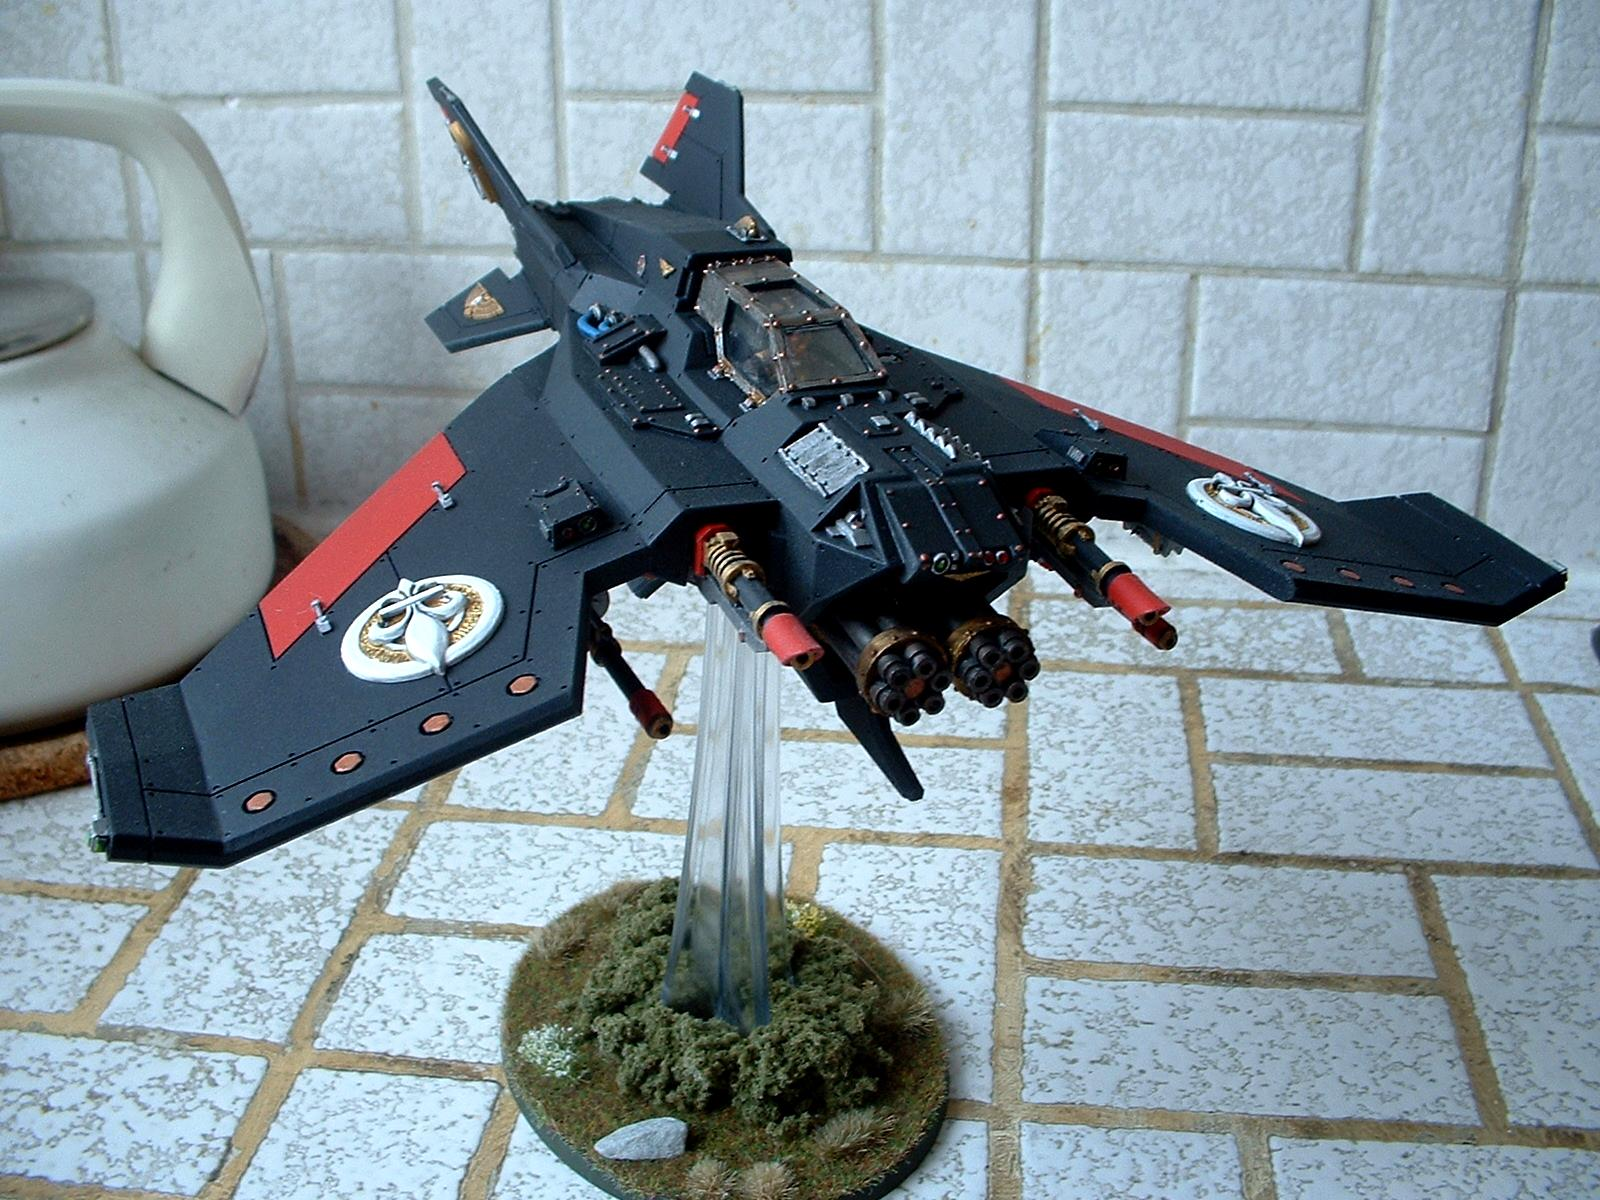 Adepta Sororitas, Avenger Strike Fighter, Flyer, Lightning, Sisters Of Battle, Voss Pattern